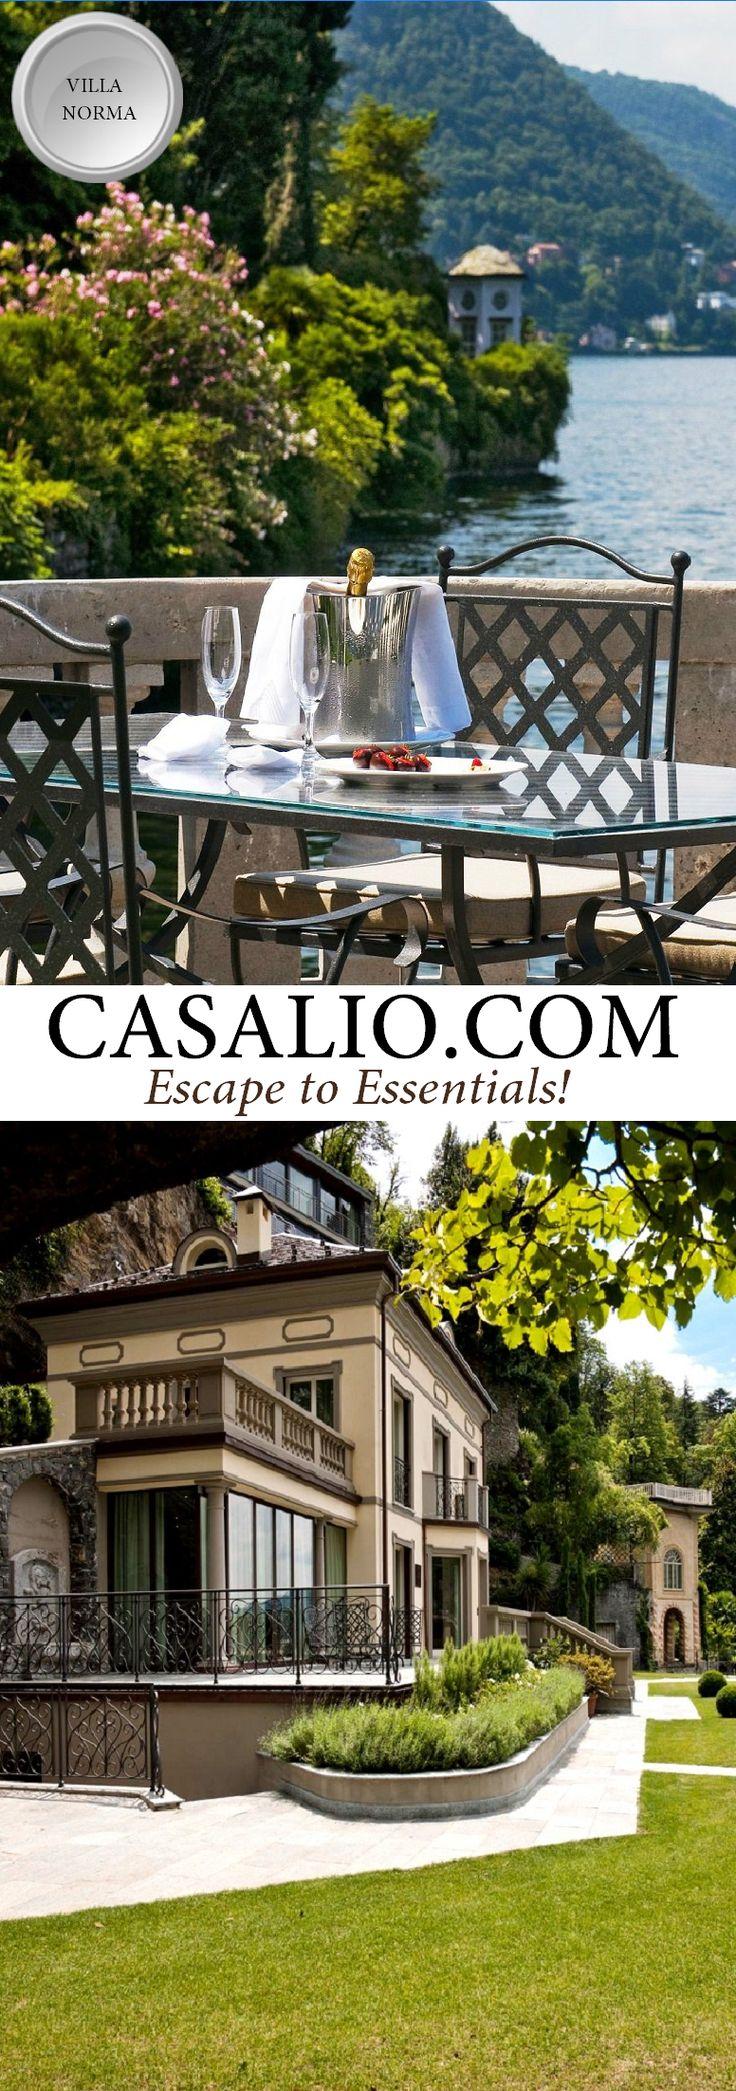 Lake Como Luxury Villa Rental www.casalio.com    Villa Norma    Italy - Lombardy    Lake Como, 3 bedrooms…